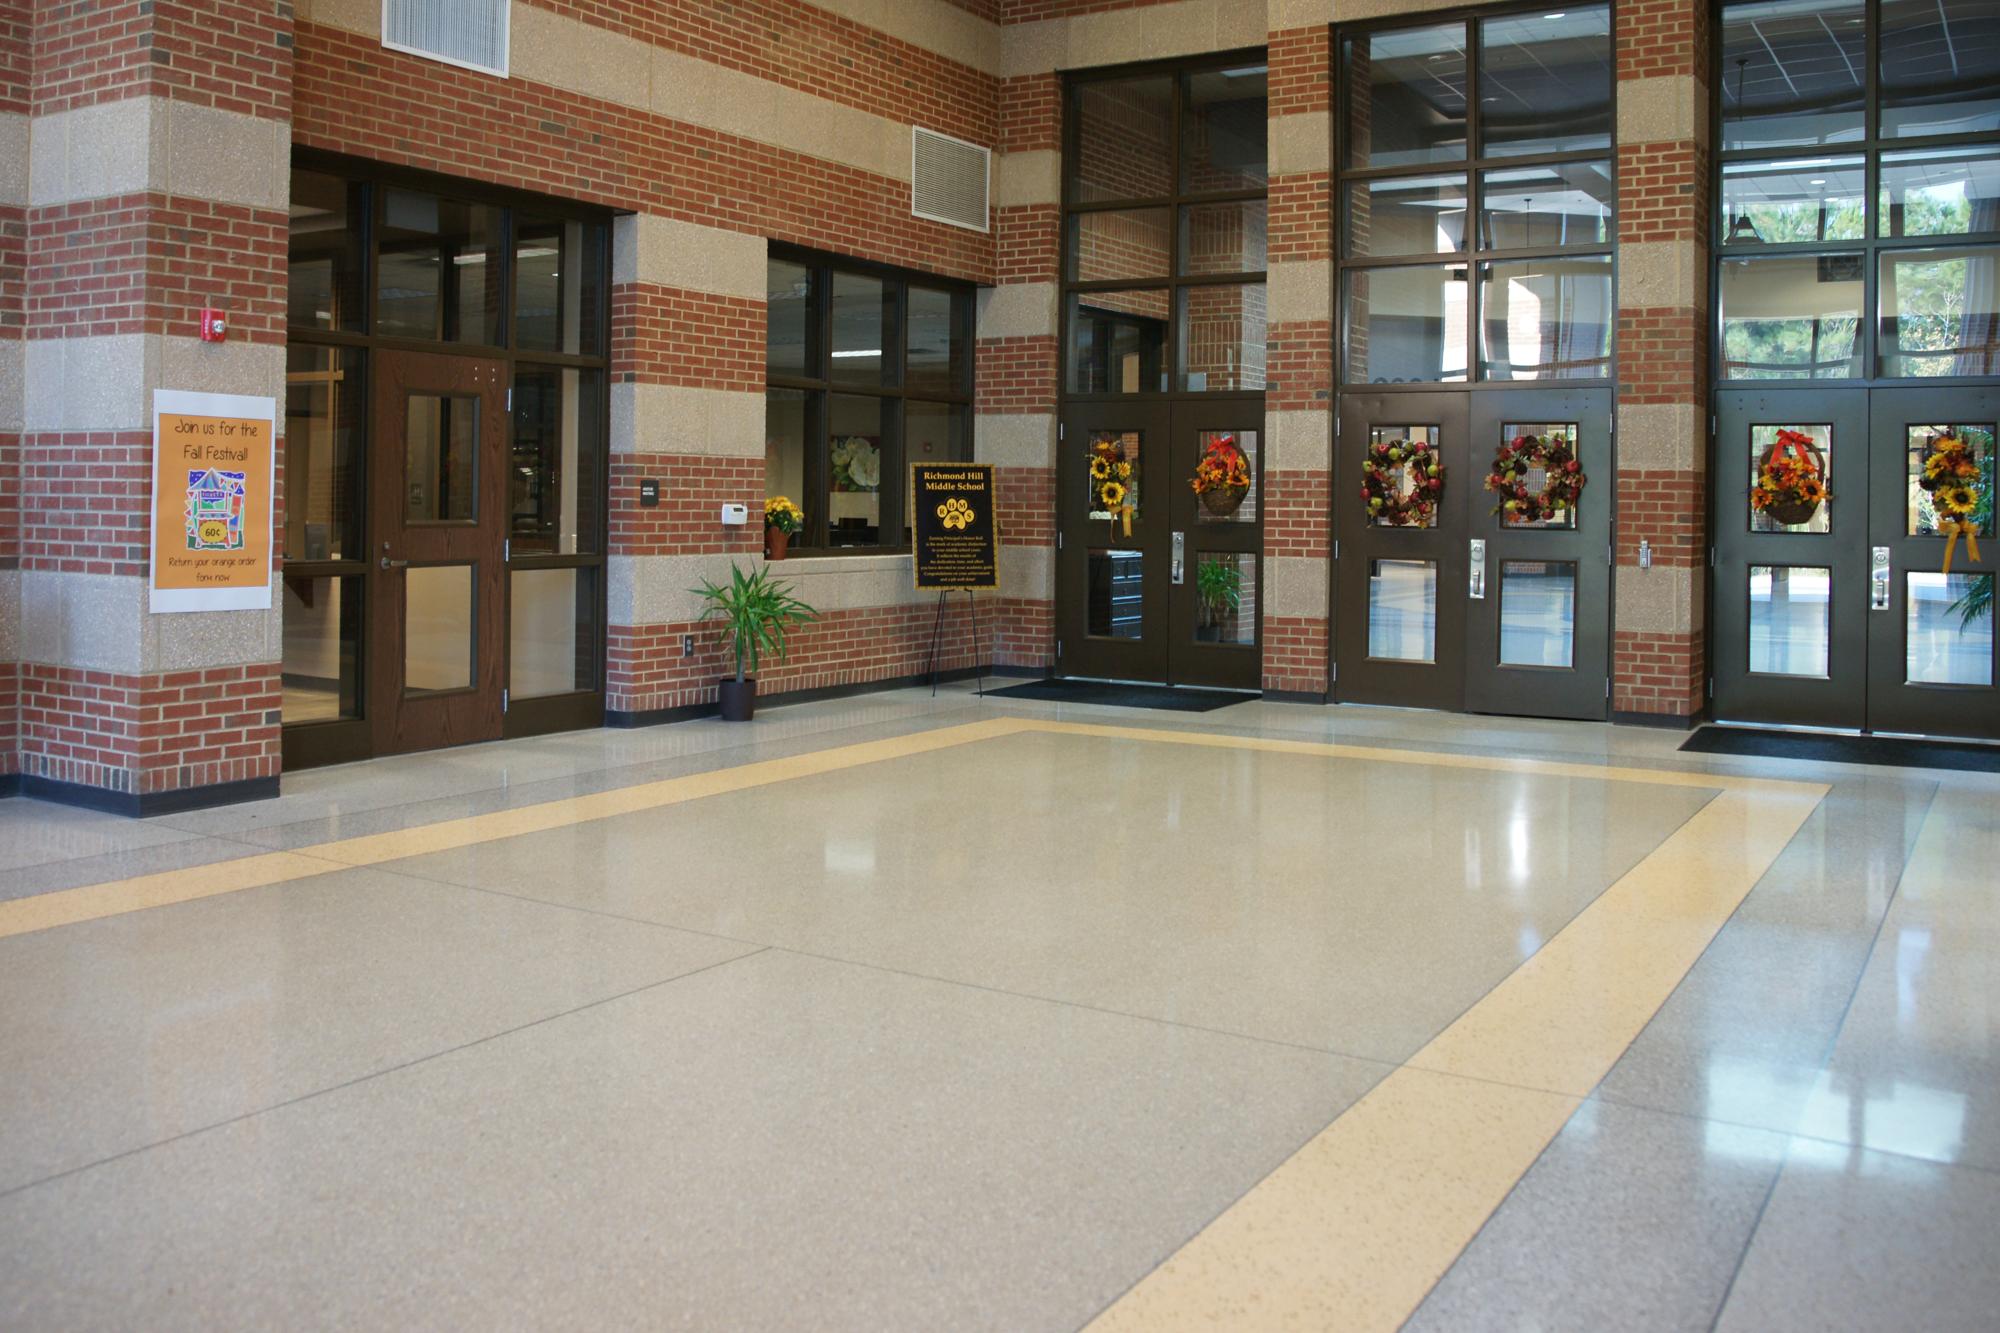 Terrazzo Floor in School Lobby